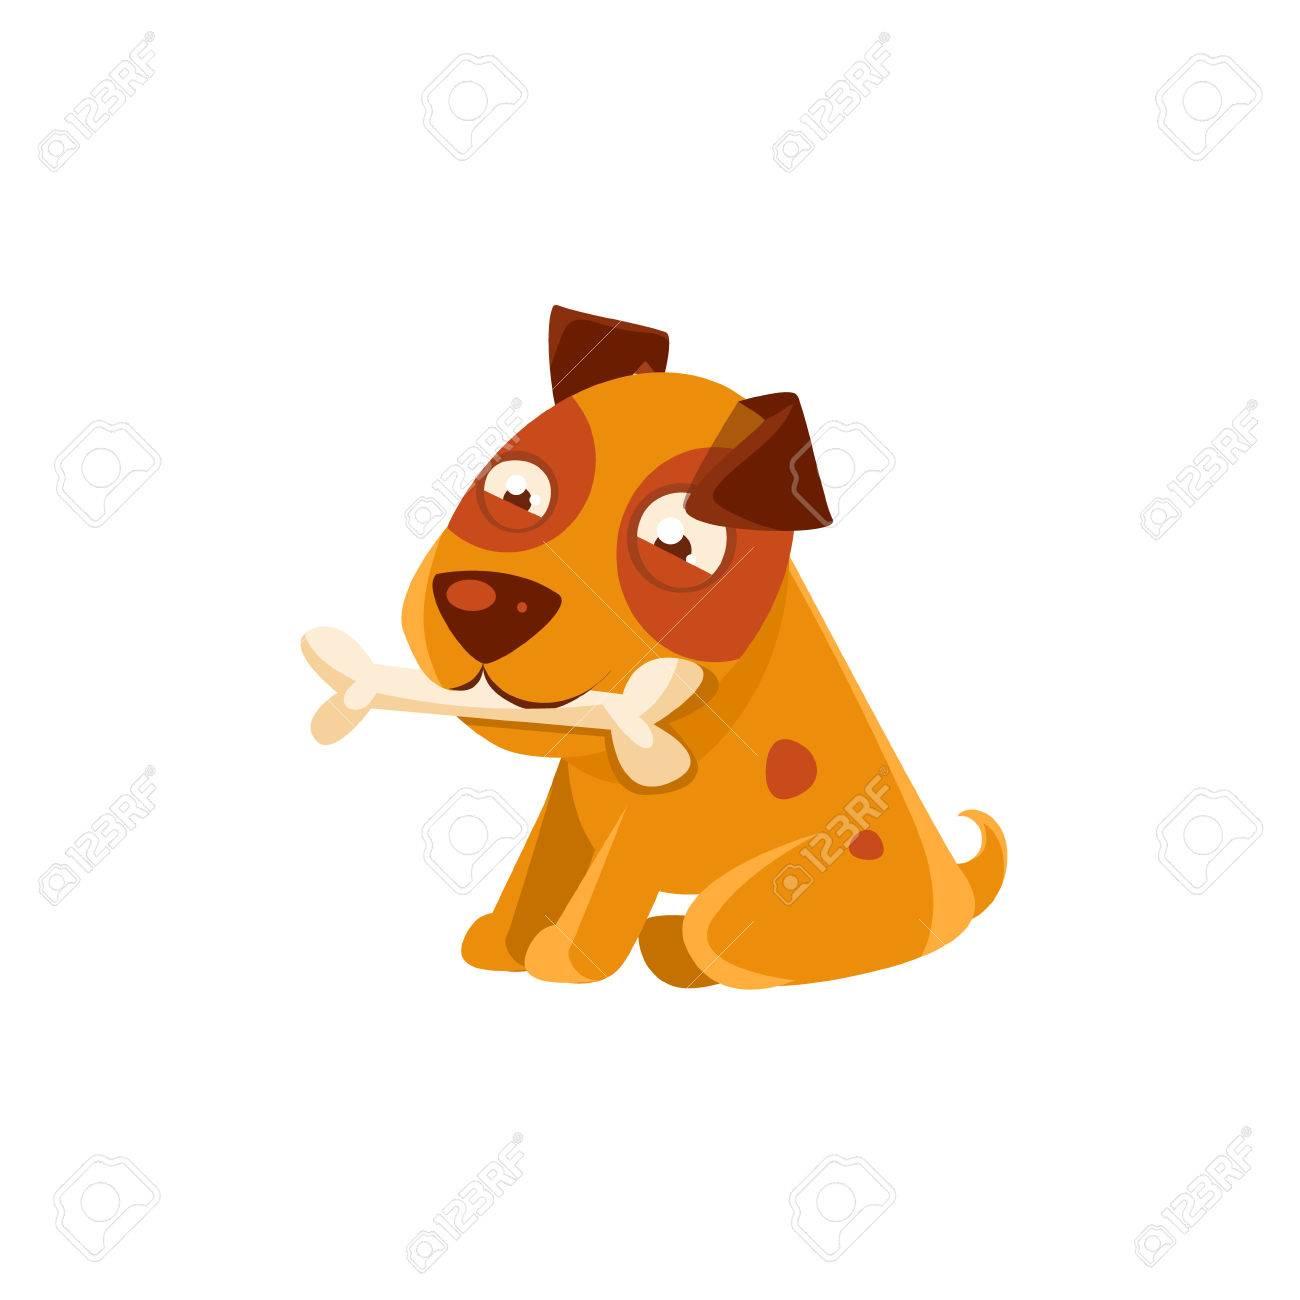 Osso Per Cani Disegno.Cucciolo Sorridente Che Tiene Un Osso Nella Bocca Cane Attivita Ogni Giorno Disegno Bambino Isolato Su Sfondo Bianco Autoadesivo Colorato Animale